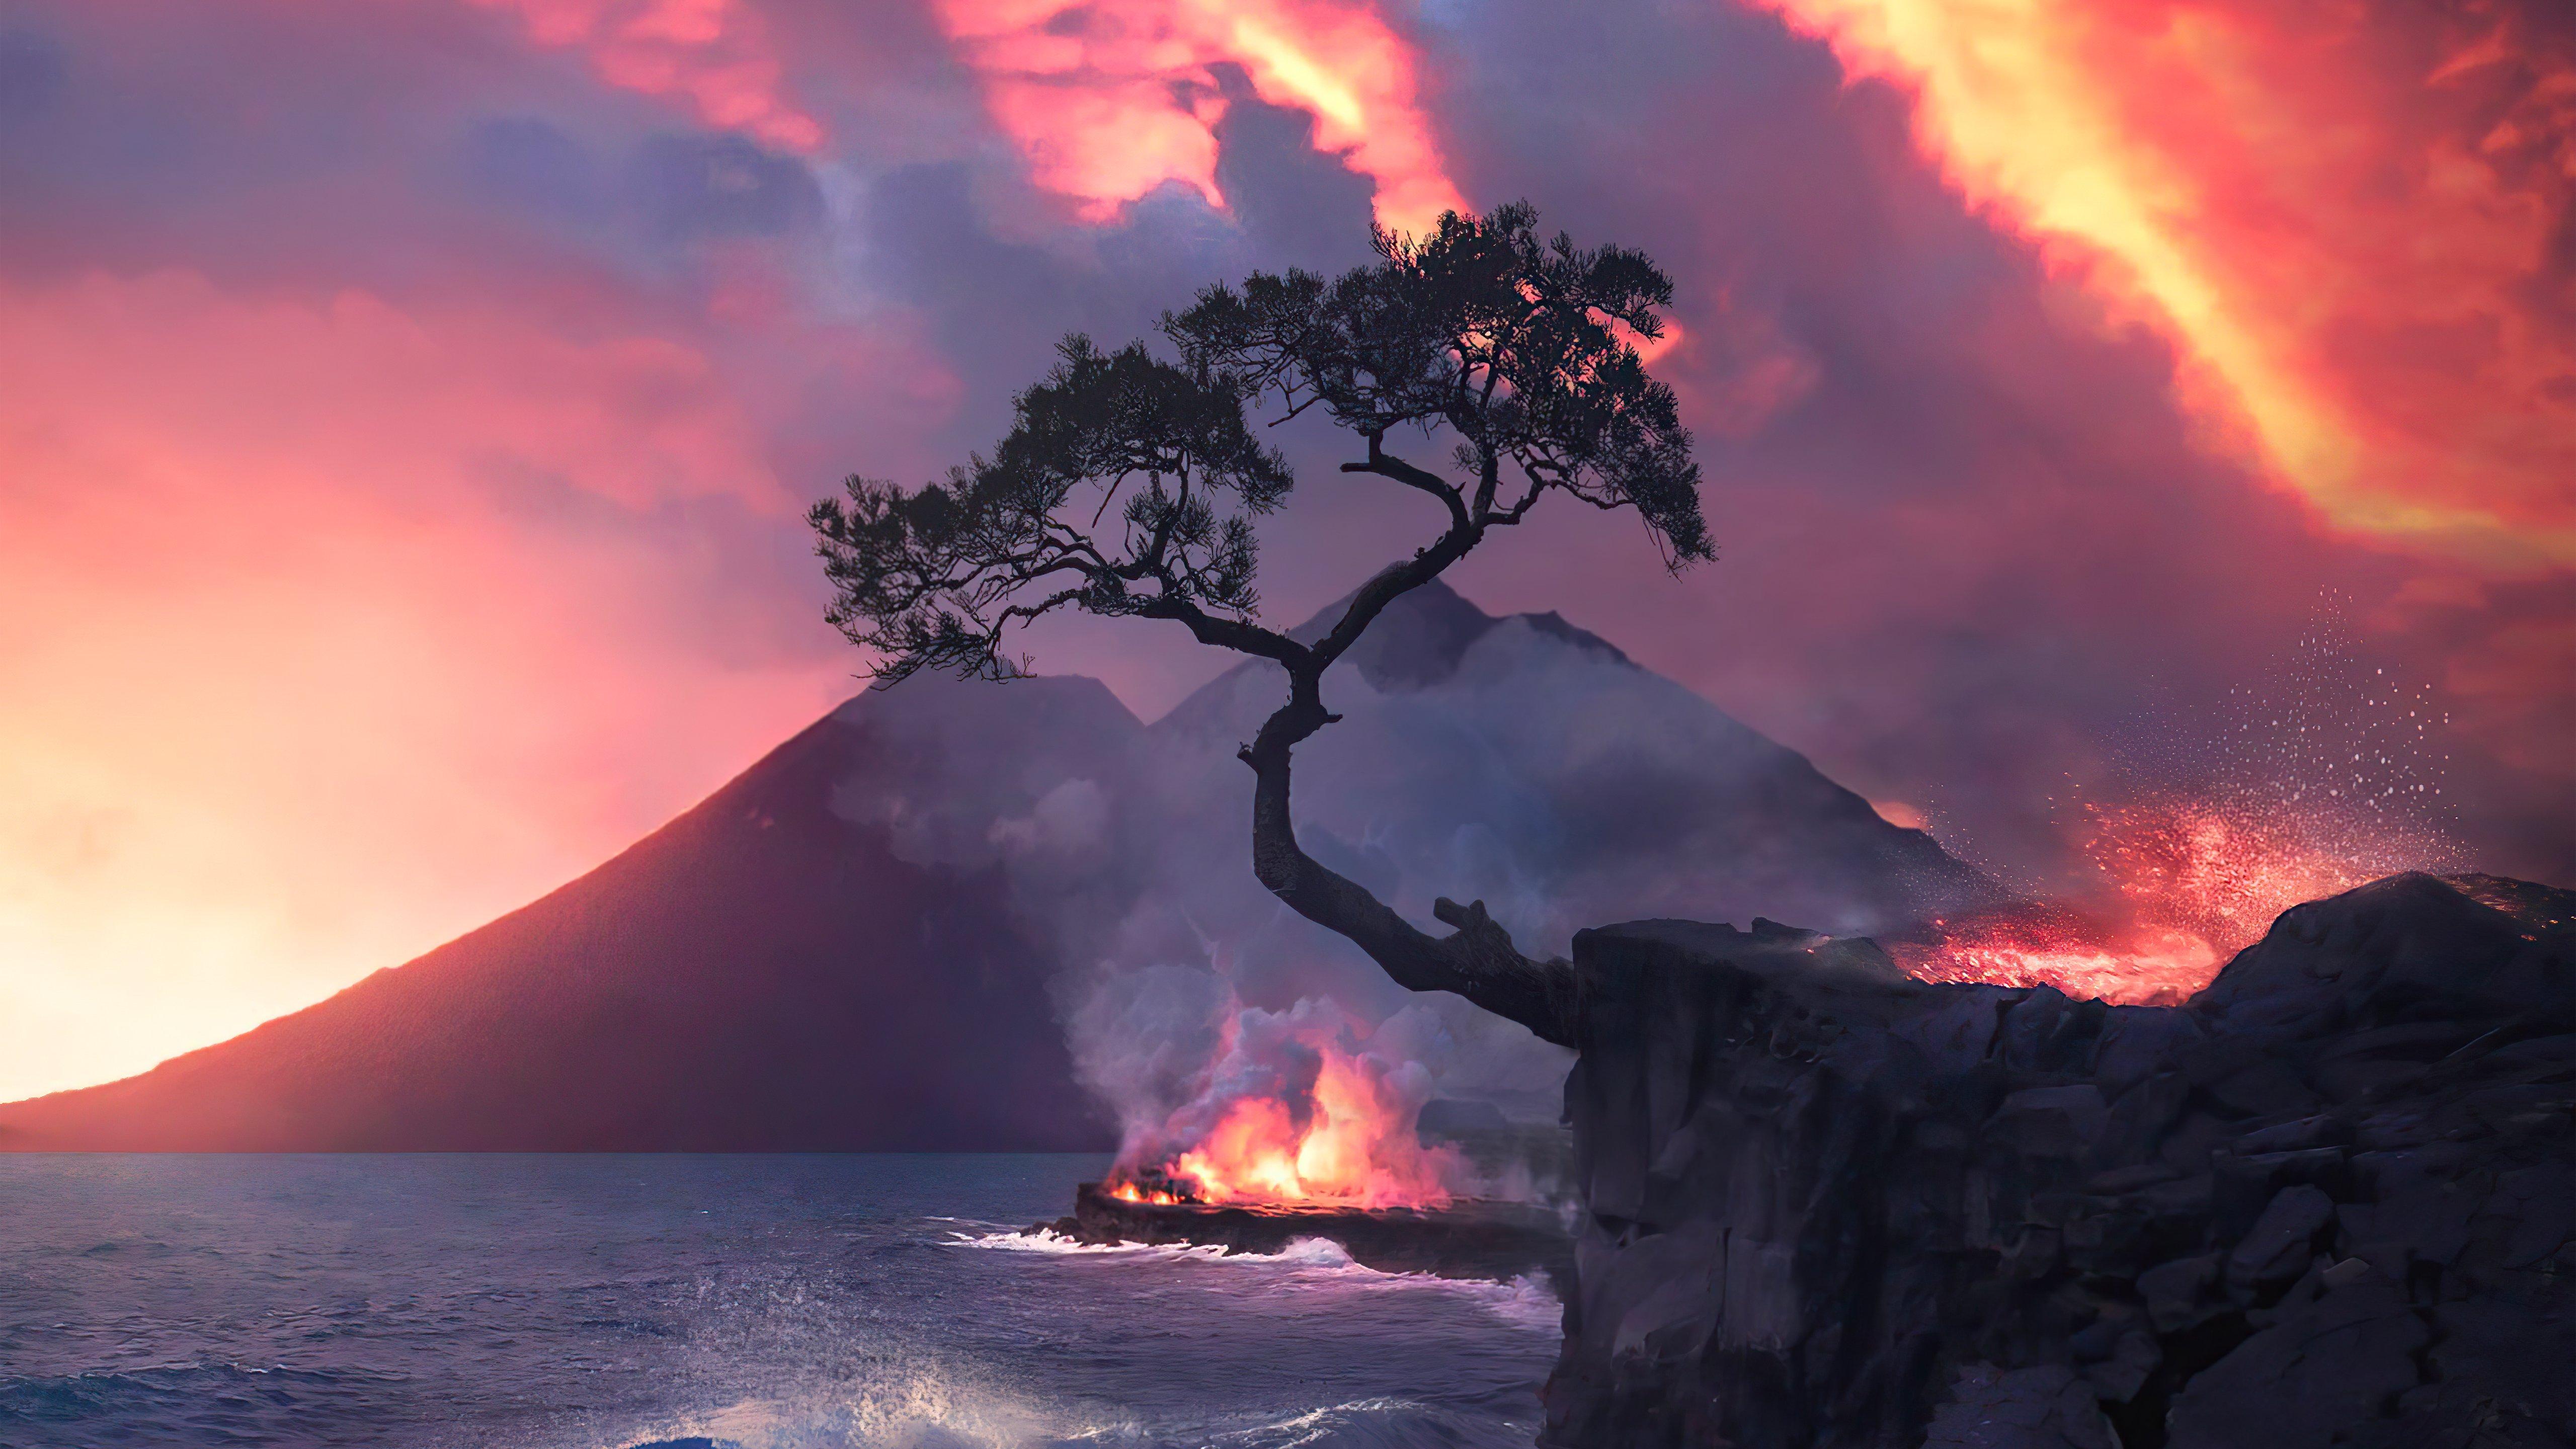 Fondos de pantalla Incendio en bosque junto al mar